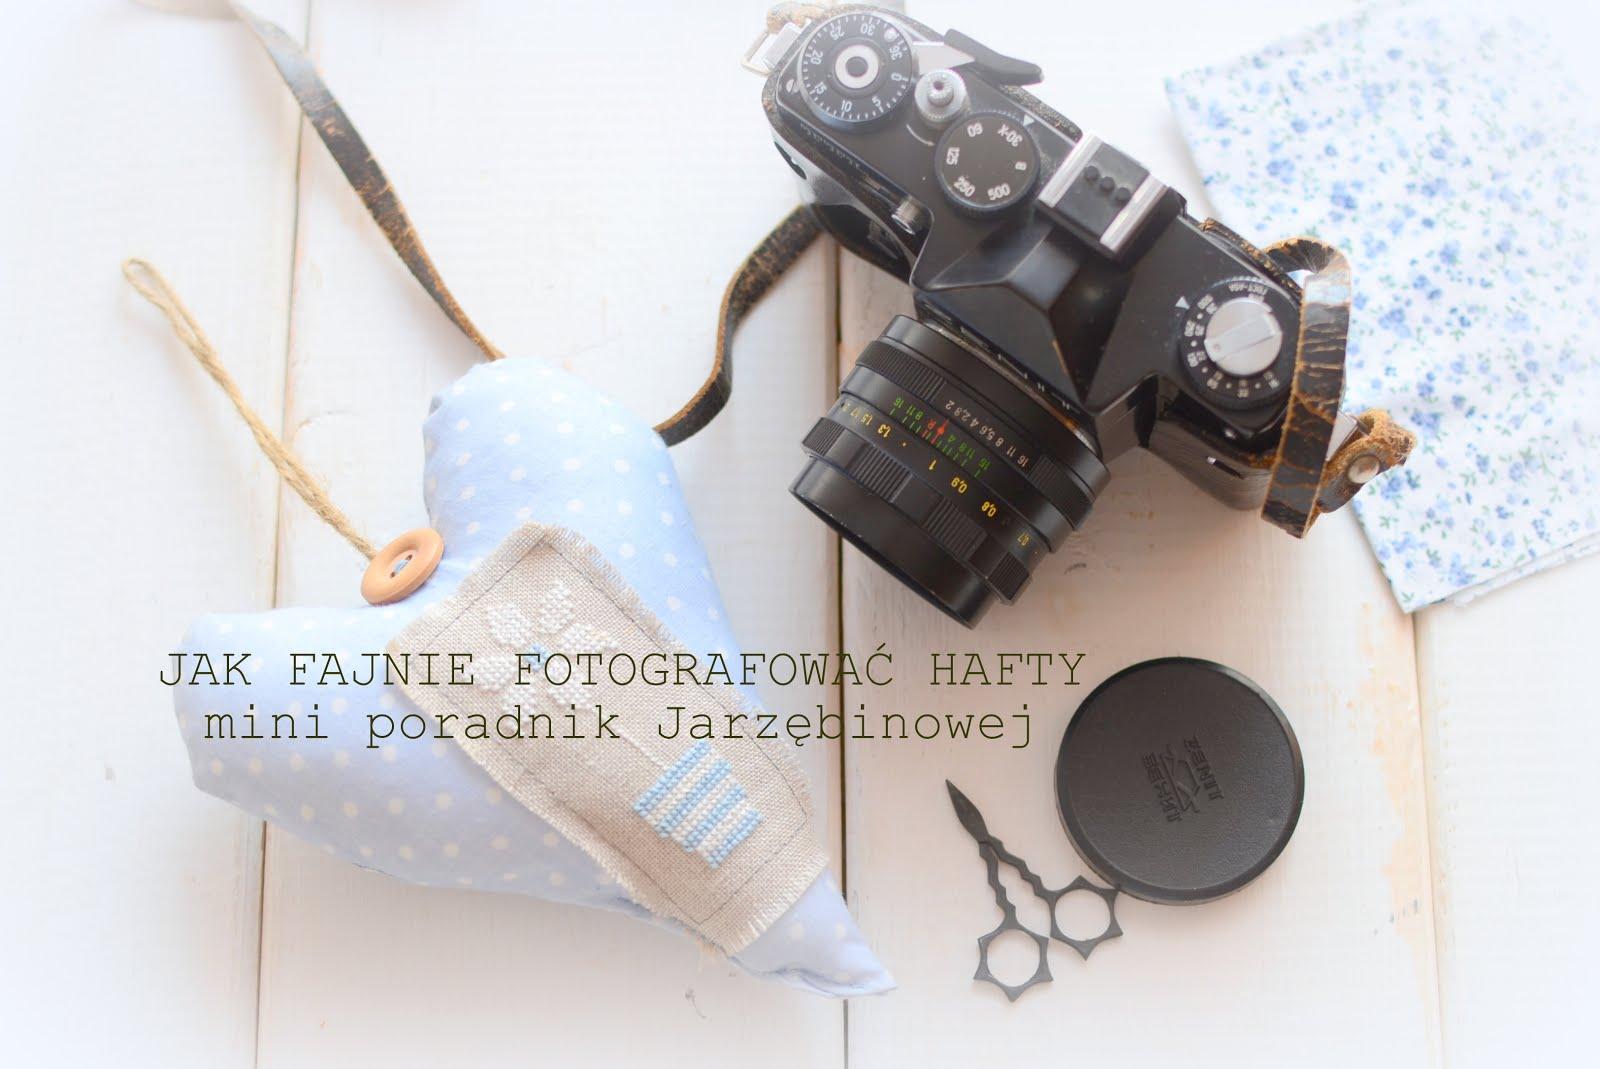 Jak fajnie fotografować hafty ?